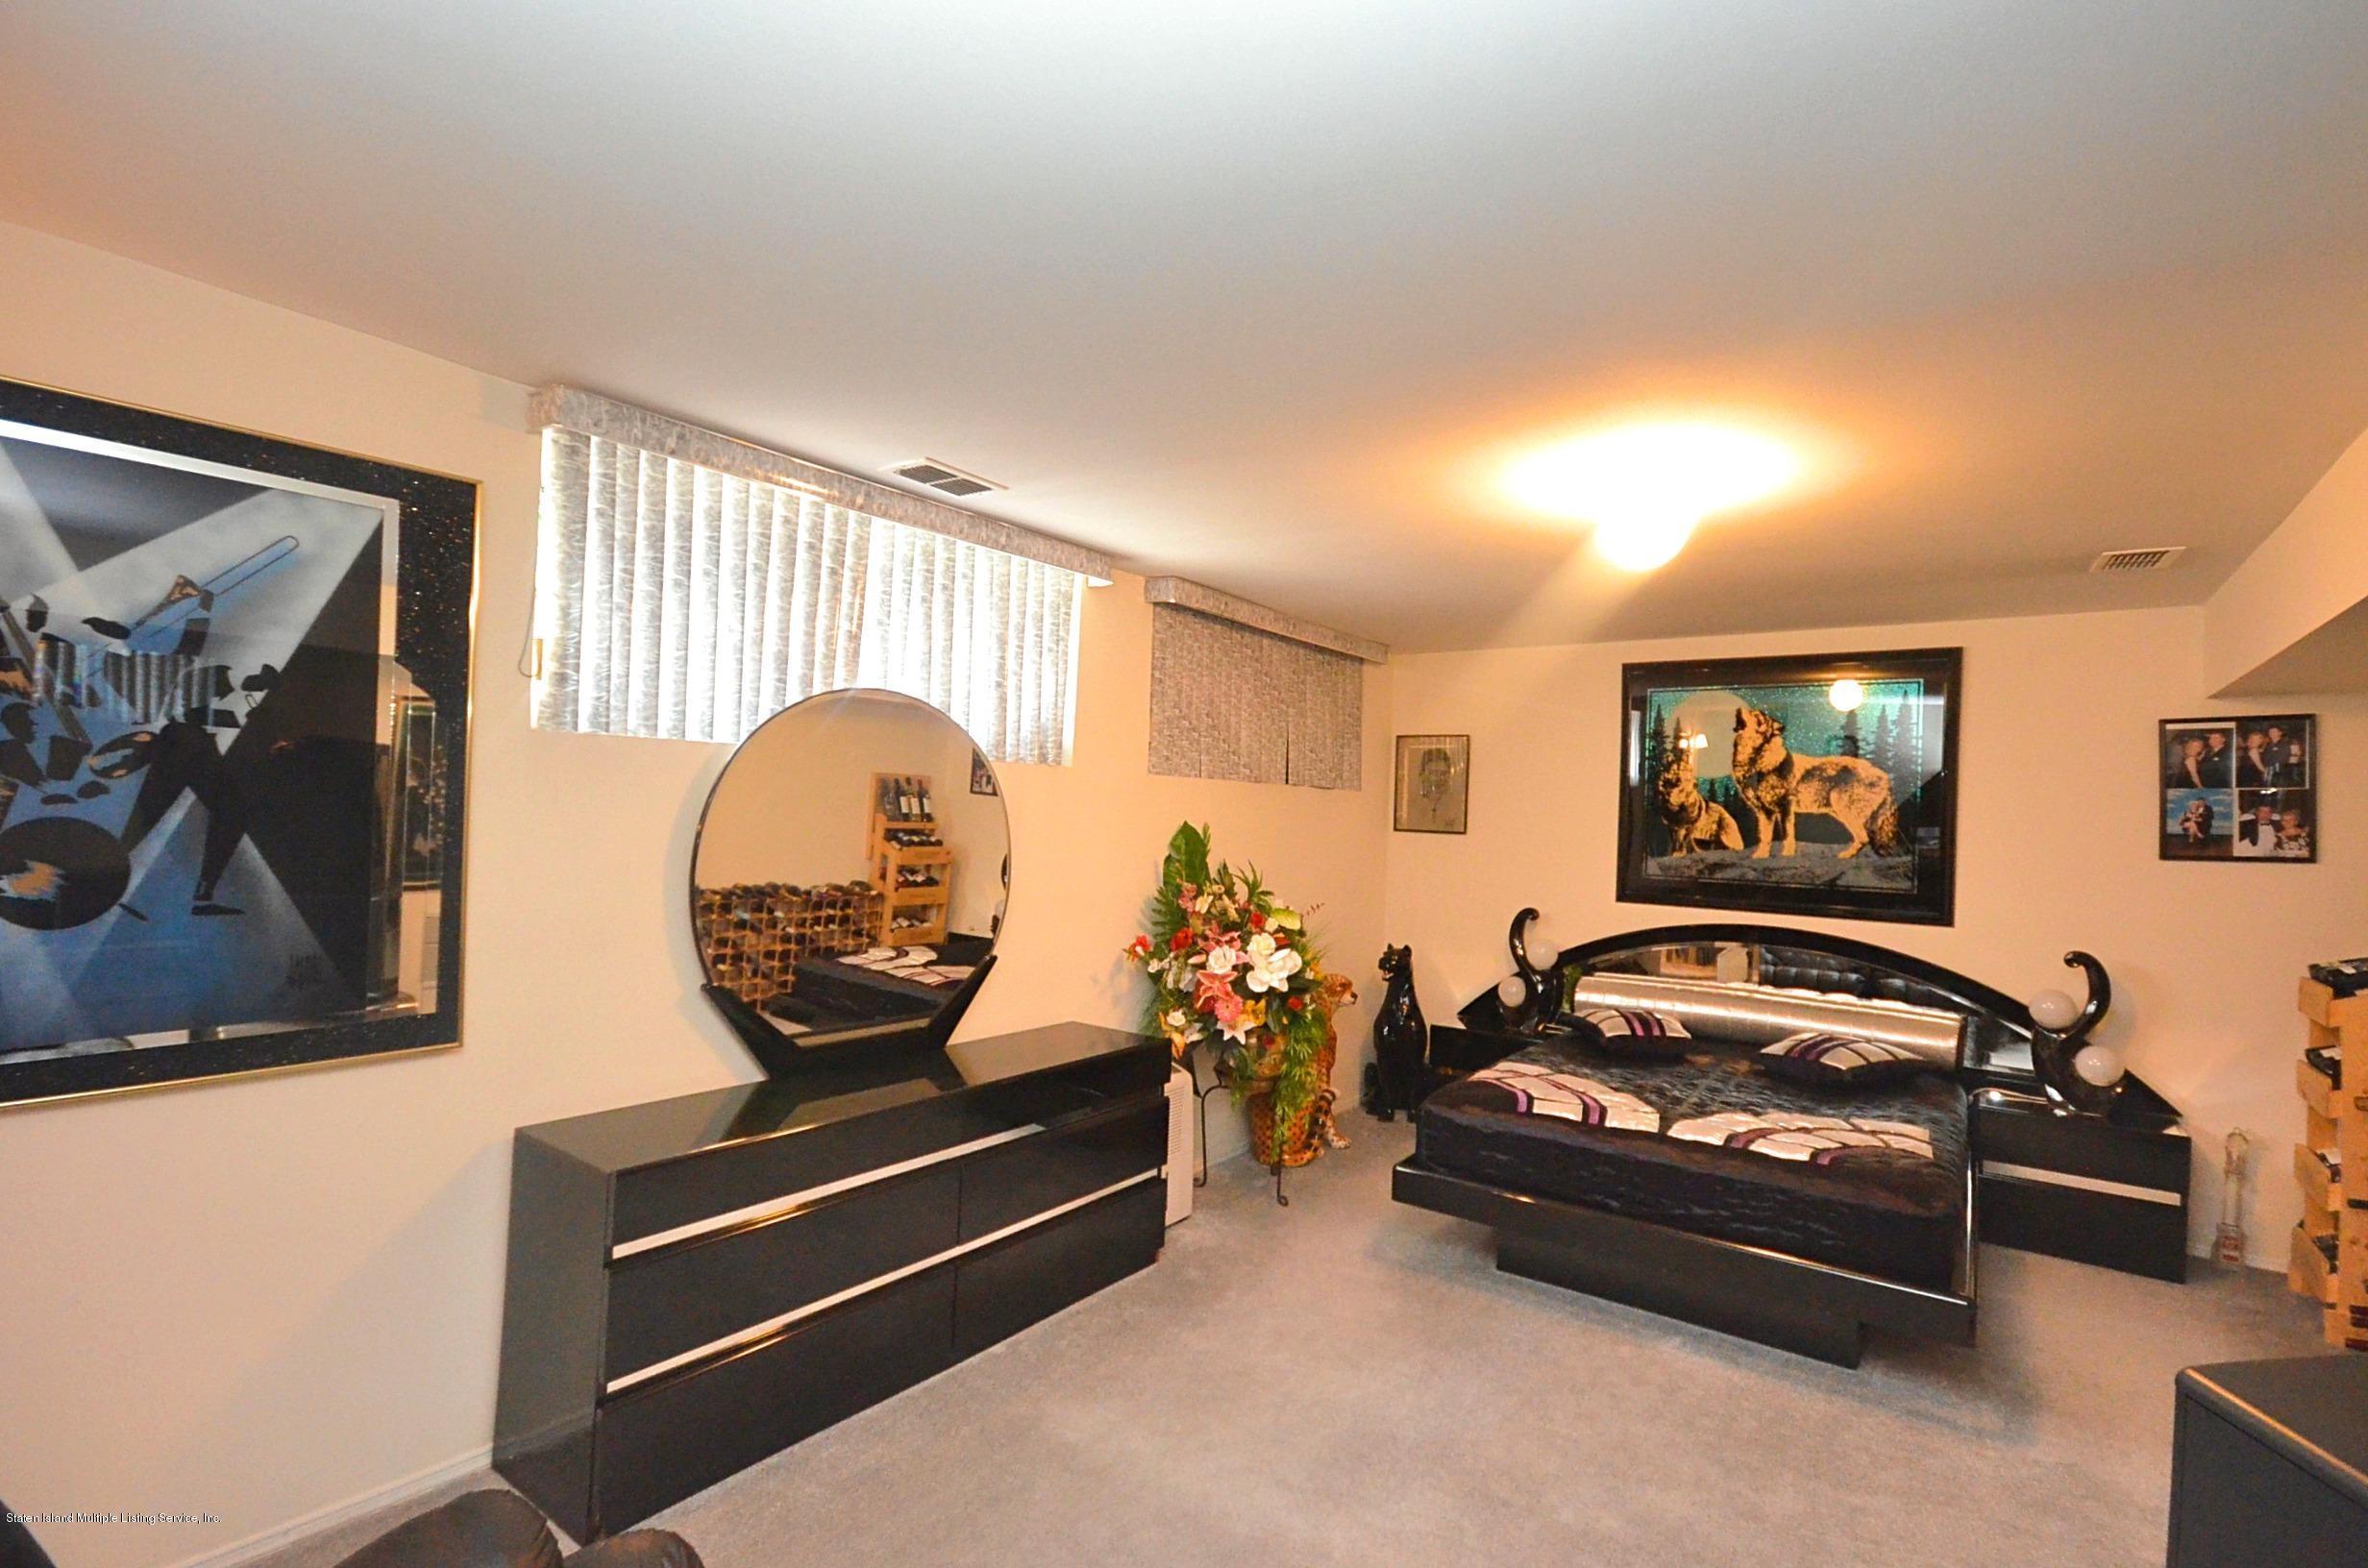 Single Family - Semi-Attached 447 Hillman Avenue  Staten Island, NY 10314, MLS-1126967-17